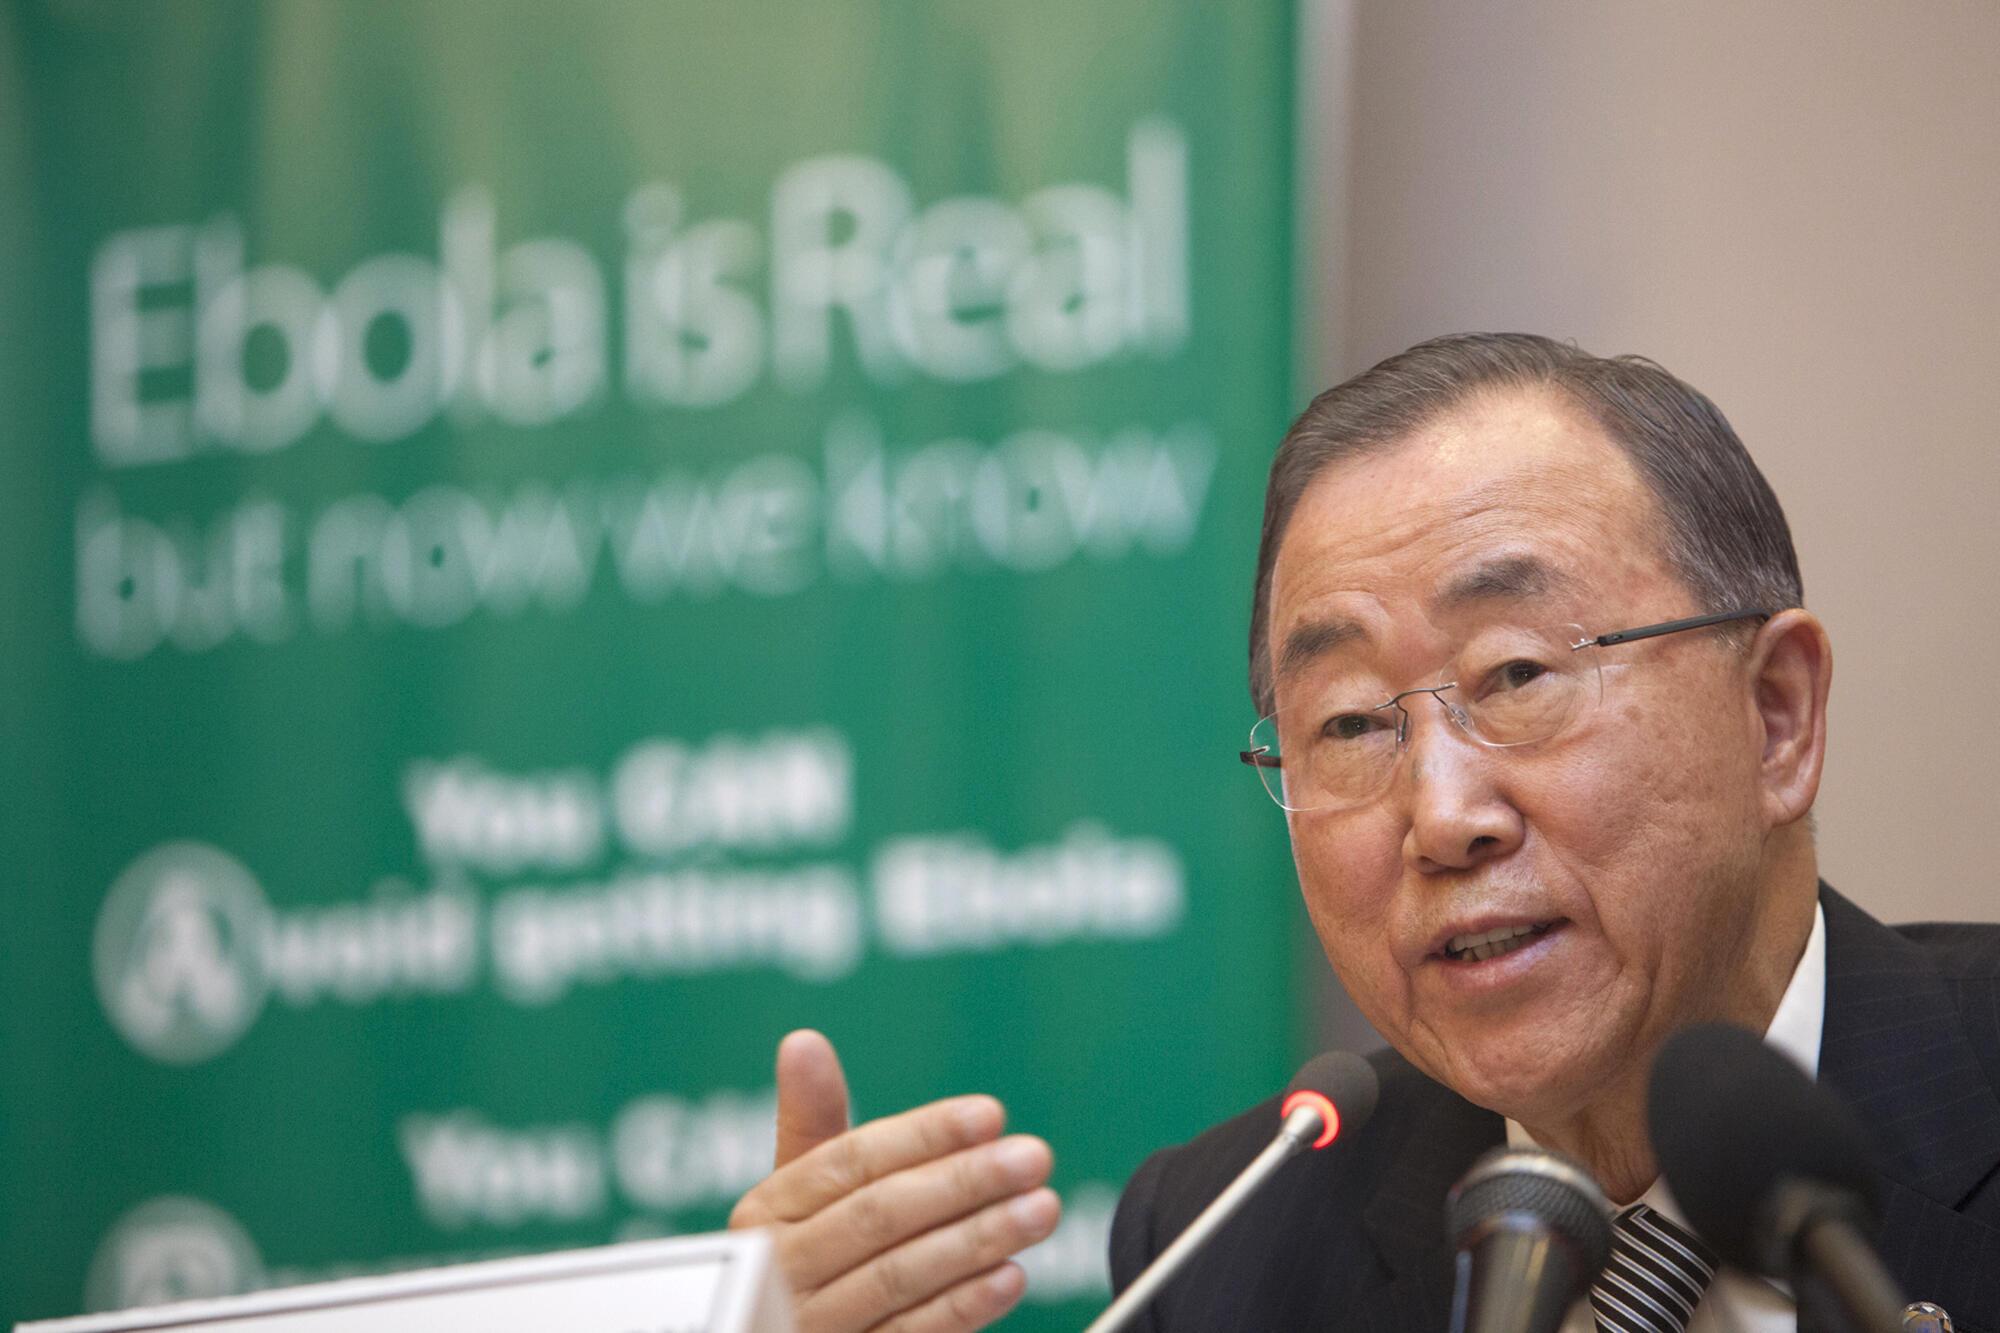 Le secrétaire général de l'ONU, Ban Ki-moon au siège de l'Union africaine à Addis-Abeba pour parler de l'épidémie d'Ebola, le 28 octobre 2014.